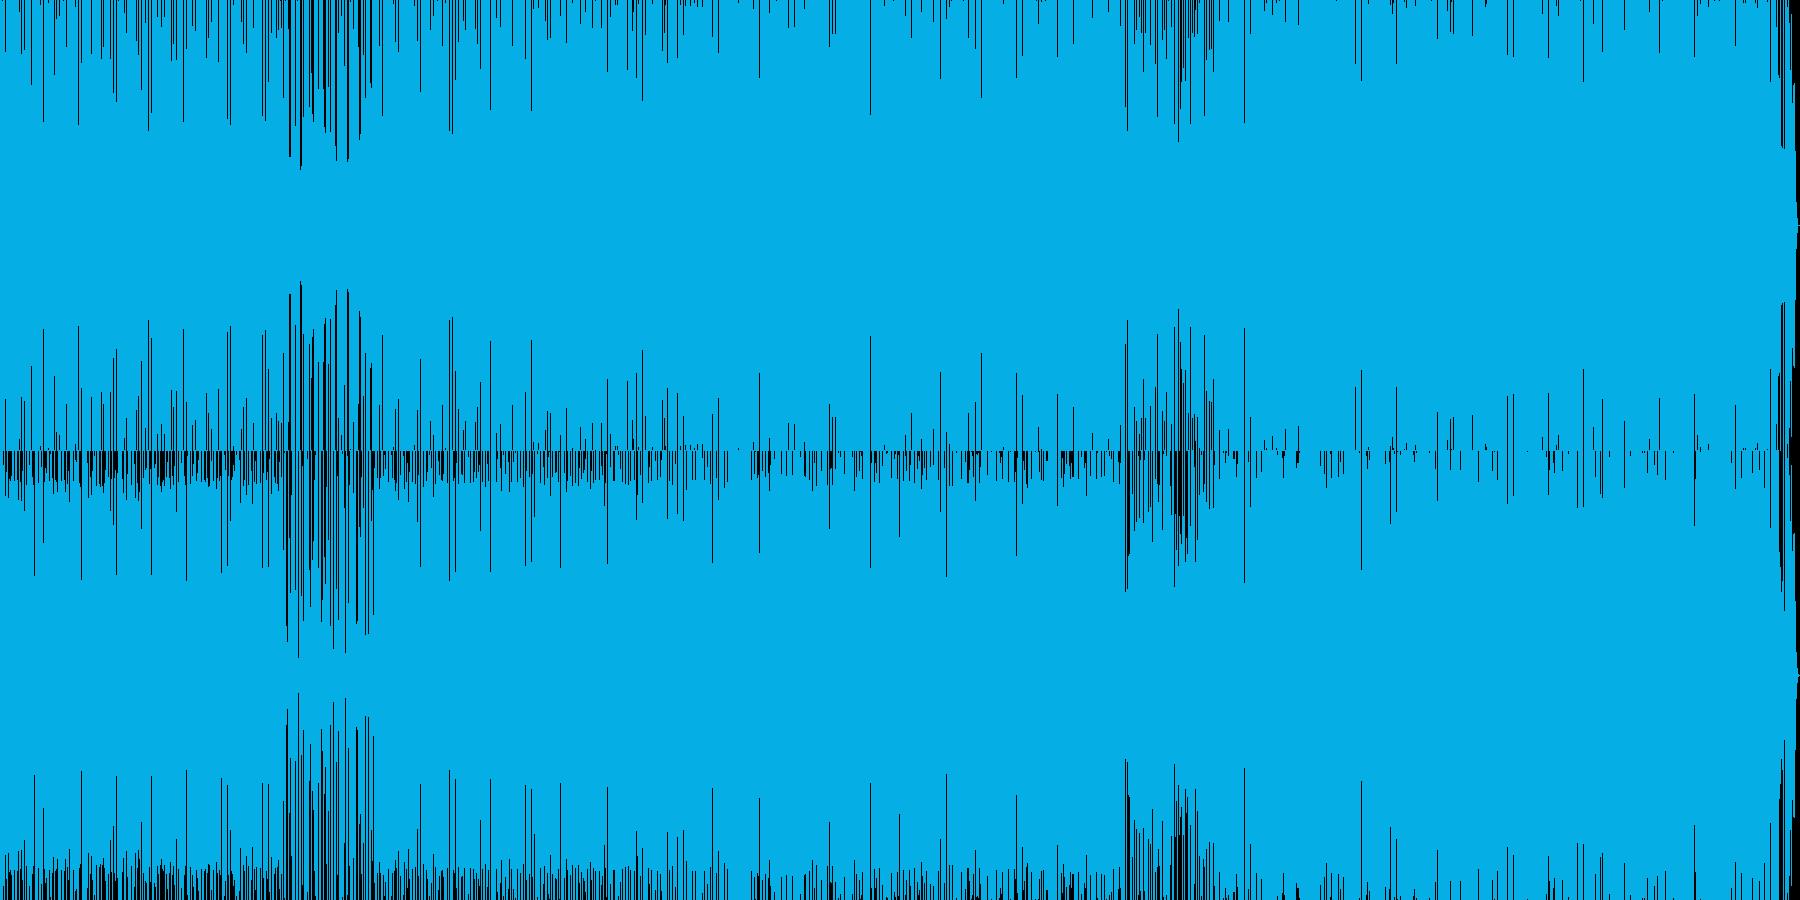 混沌が広がる世界のminimal dubの再生済みの波形